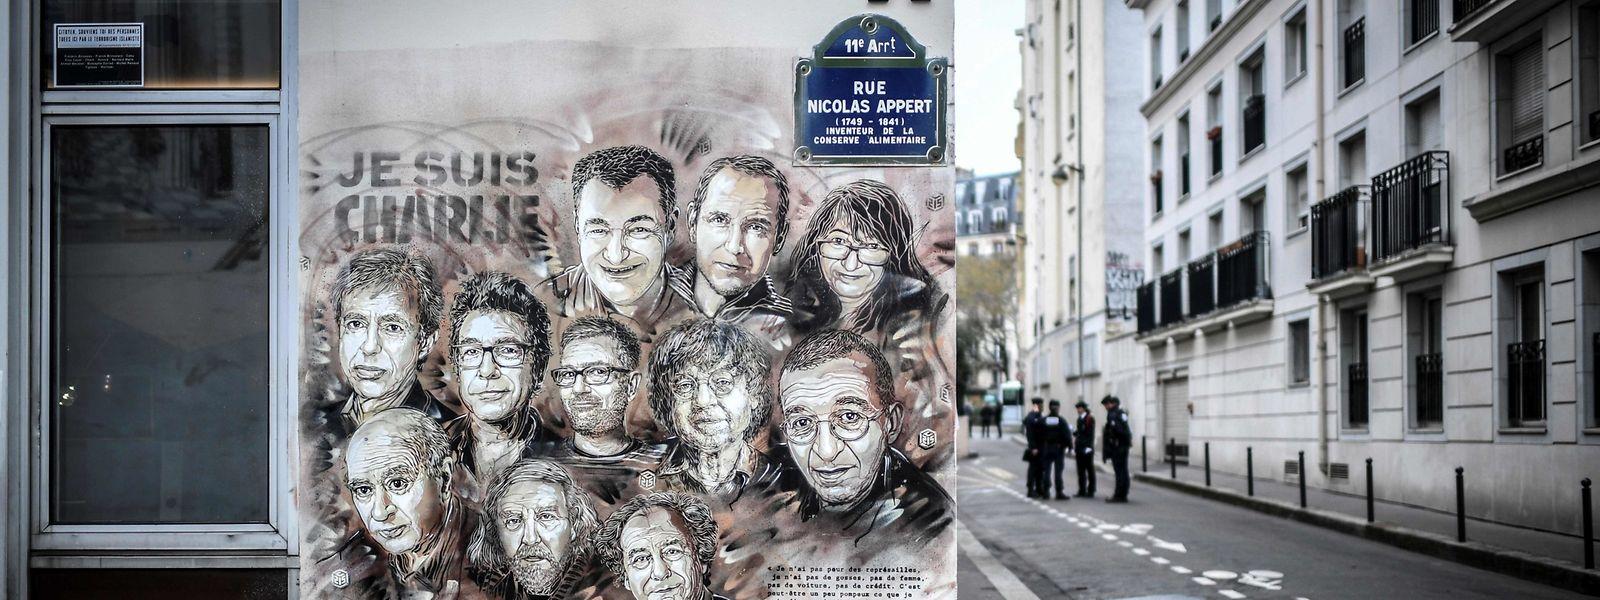 Die Charlie-Redaktion. Bei dem Anschlag töteten die Kouachi-Brüder damals mehrere bekannte Zeichner des Blattes.